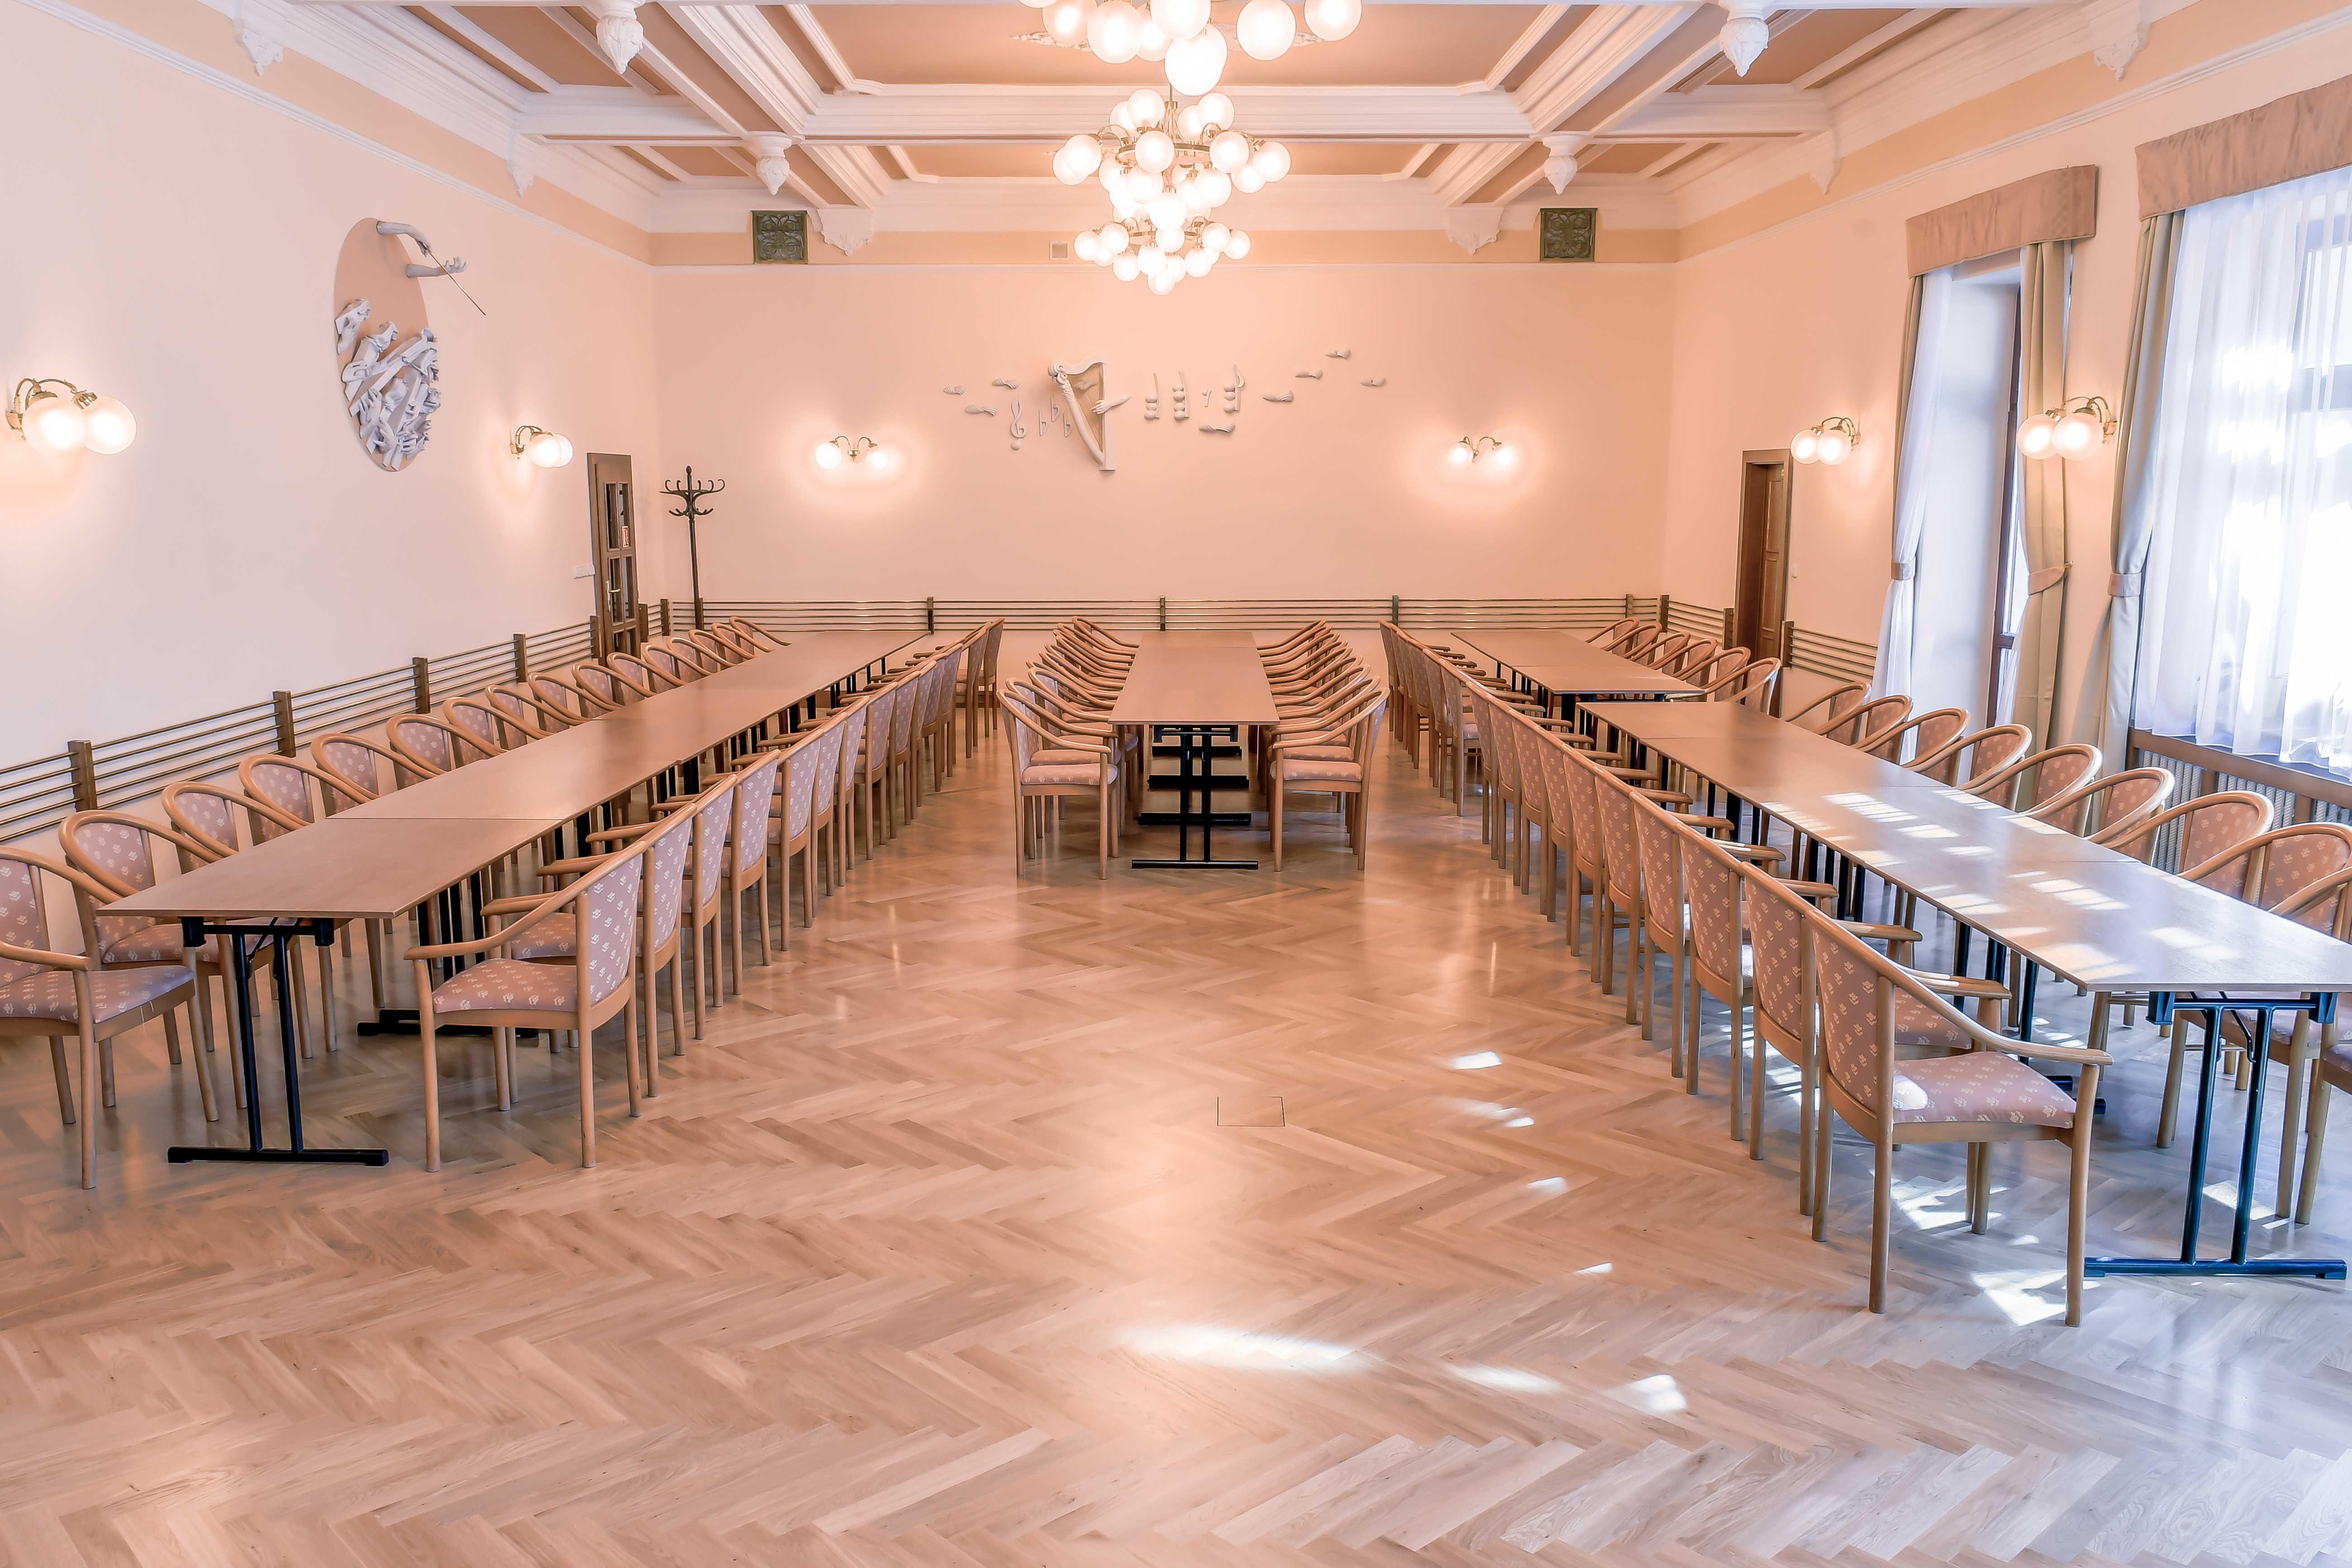 hotel-zlata-hvezda_sal-bedricha-smetany-1